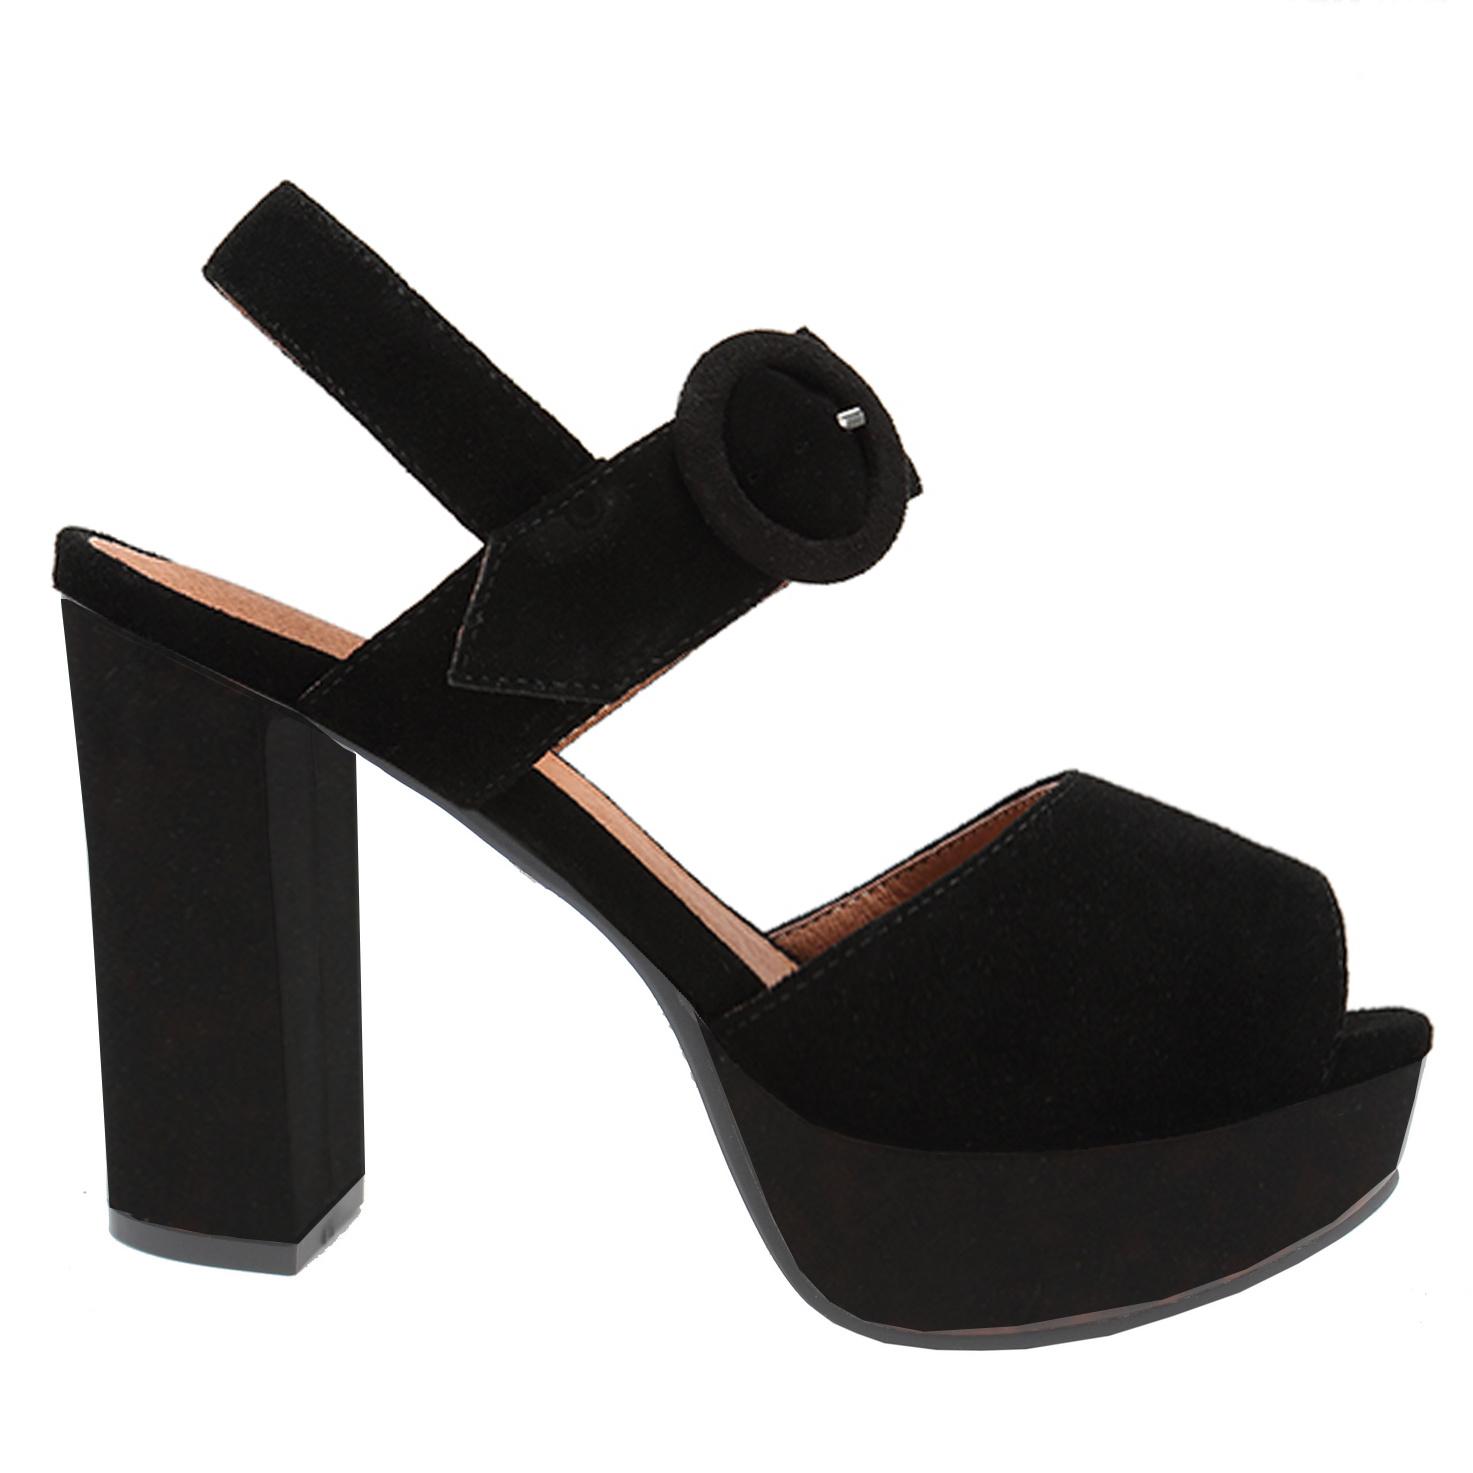 Frauen-Form-Absatz-Schwarz-beiläufige Sandelholz-Schuhe (LC686-7)